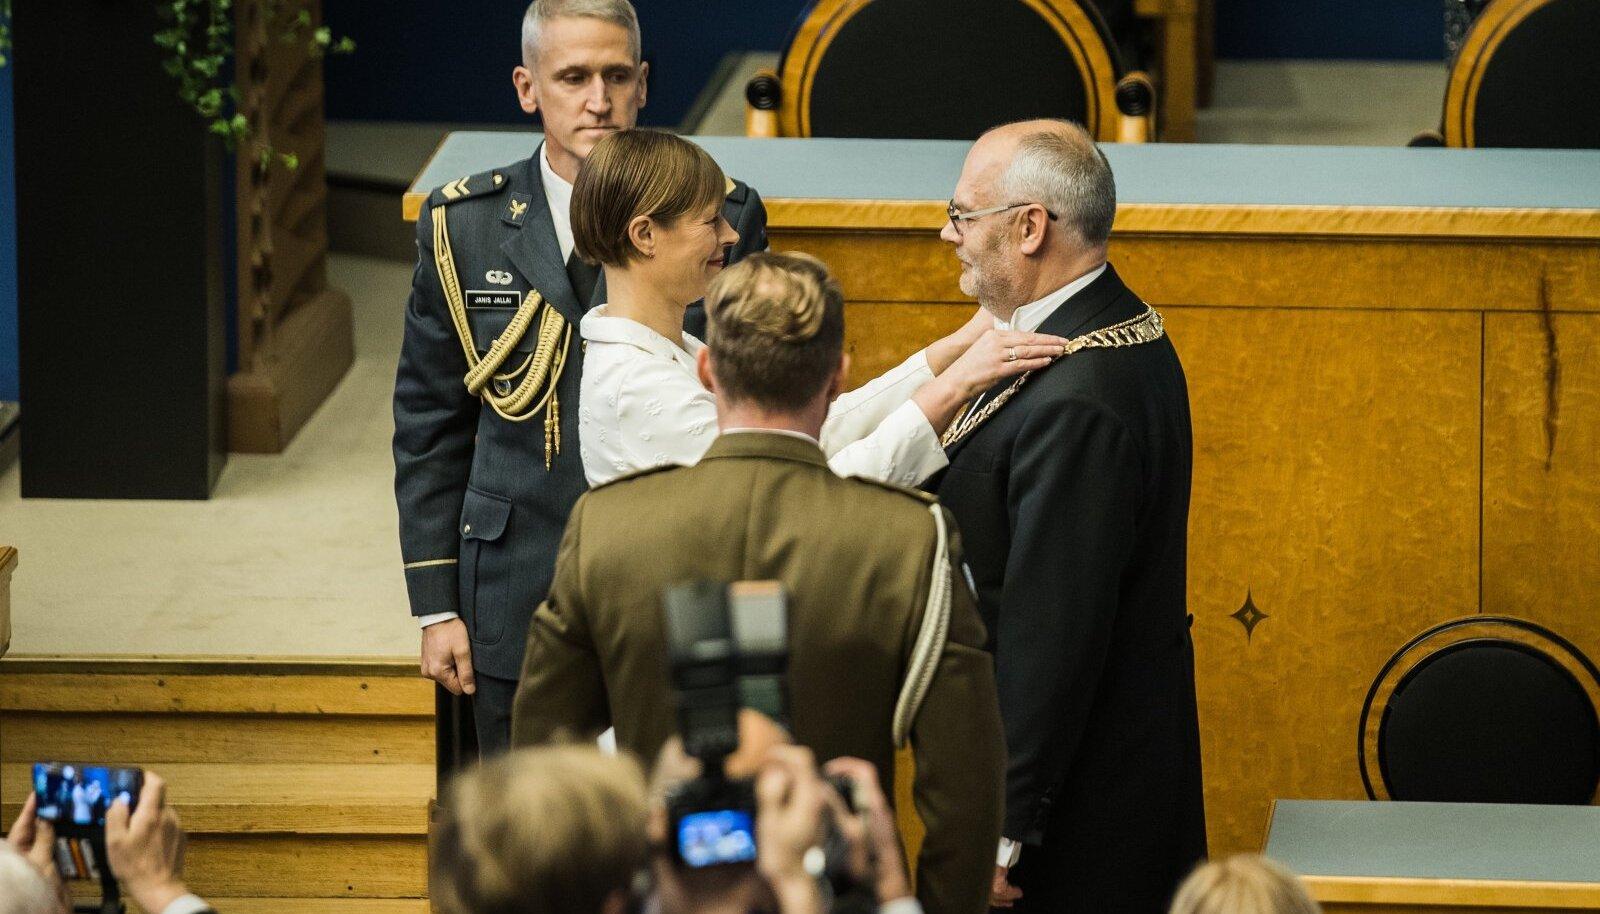 Karise saatus järgmiseks viieks aastaks selgus riigikogus juba ligi poolteist kuud tagasi, kuid kivisse raiuti see nüüd, kui Kaljulaid parlamendisaalis ametiketi üle andis.